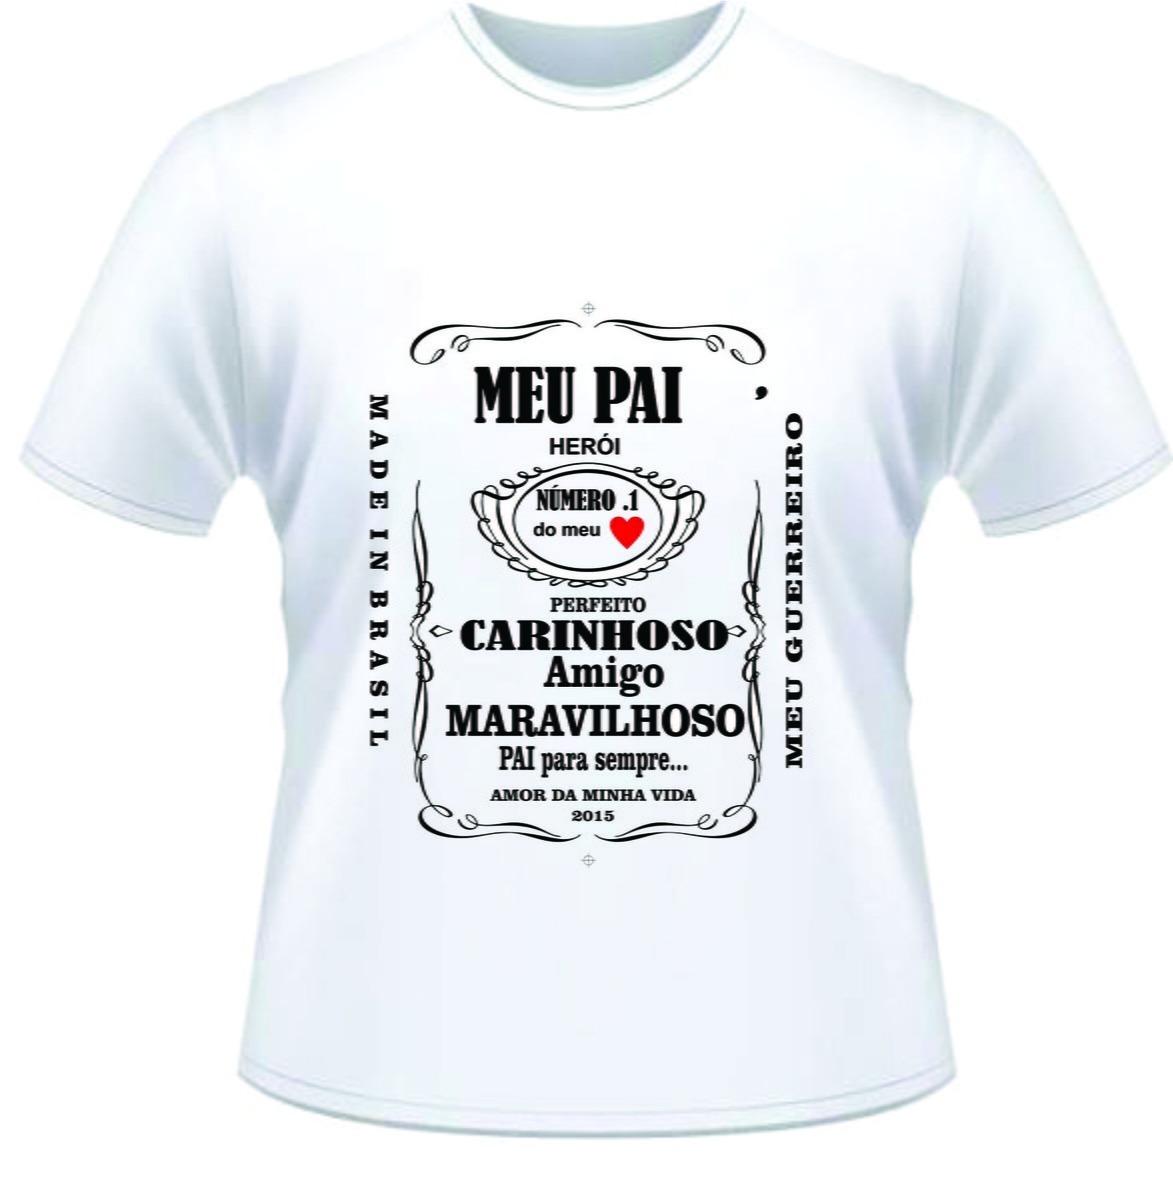 Camiseta Dia Dos Pais Meu Pai Heroi Diversos Modelos